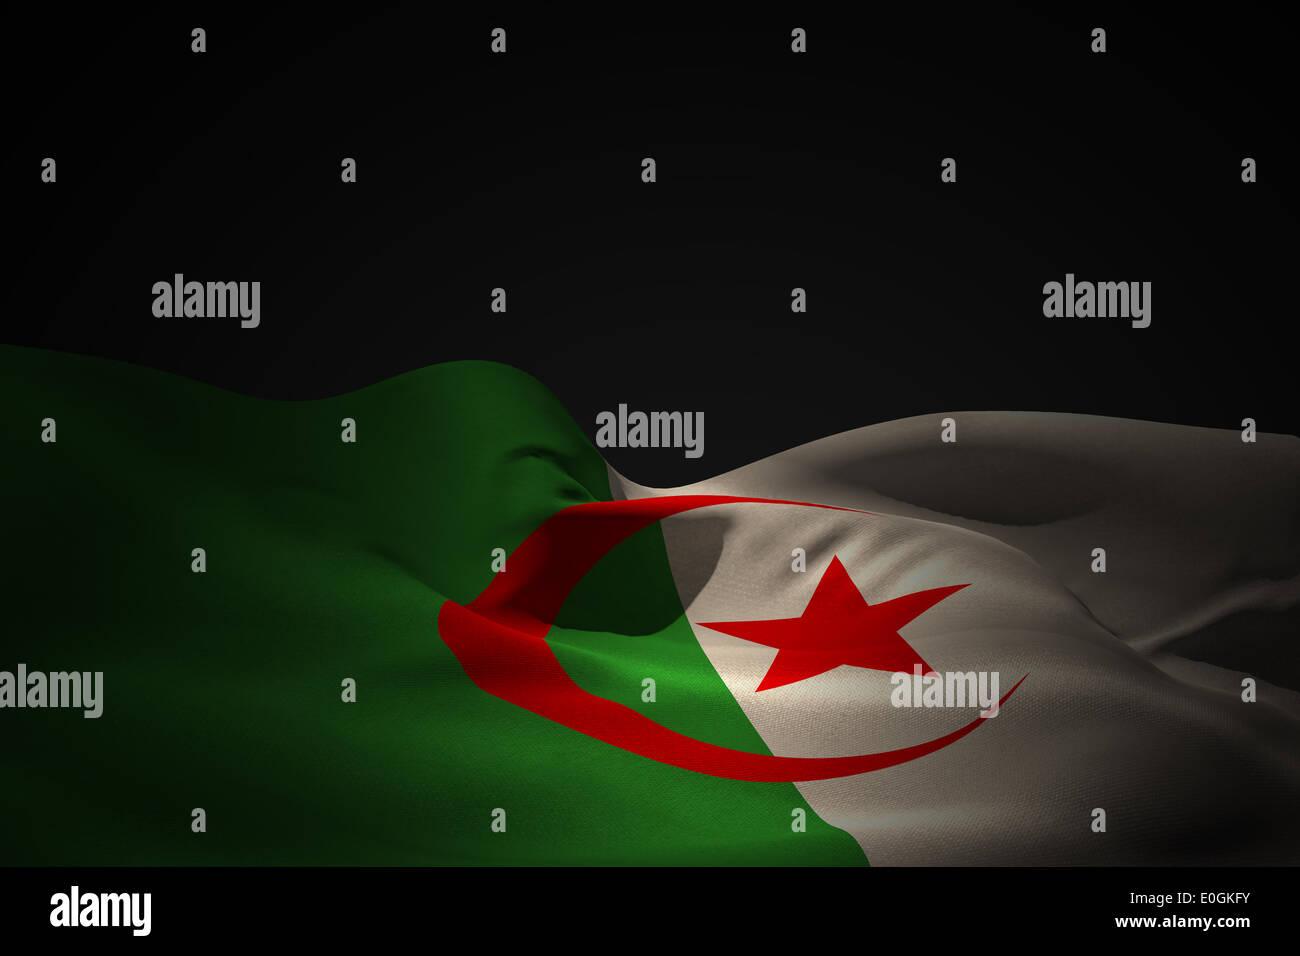 De brandir le drapeau de l'Algérie Photo Stock